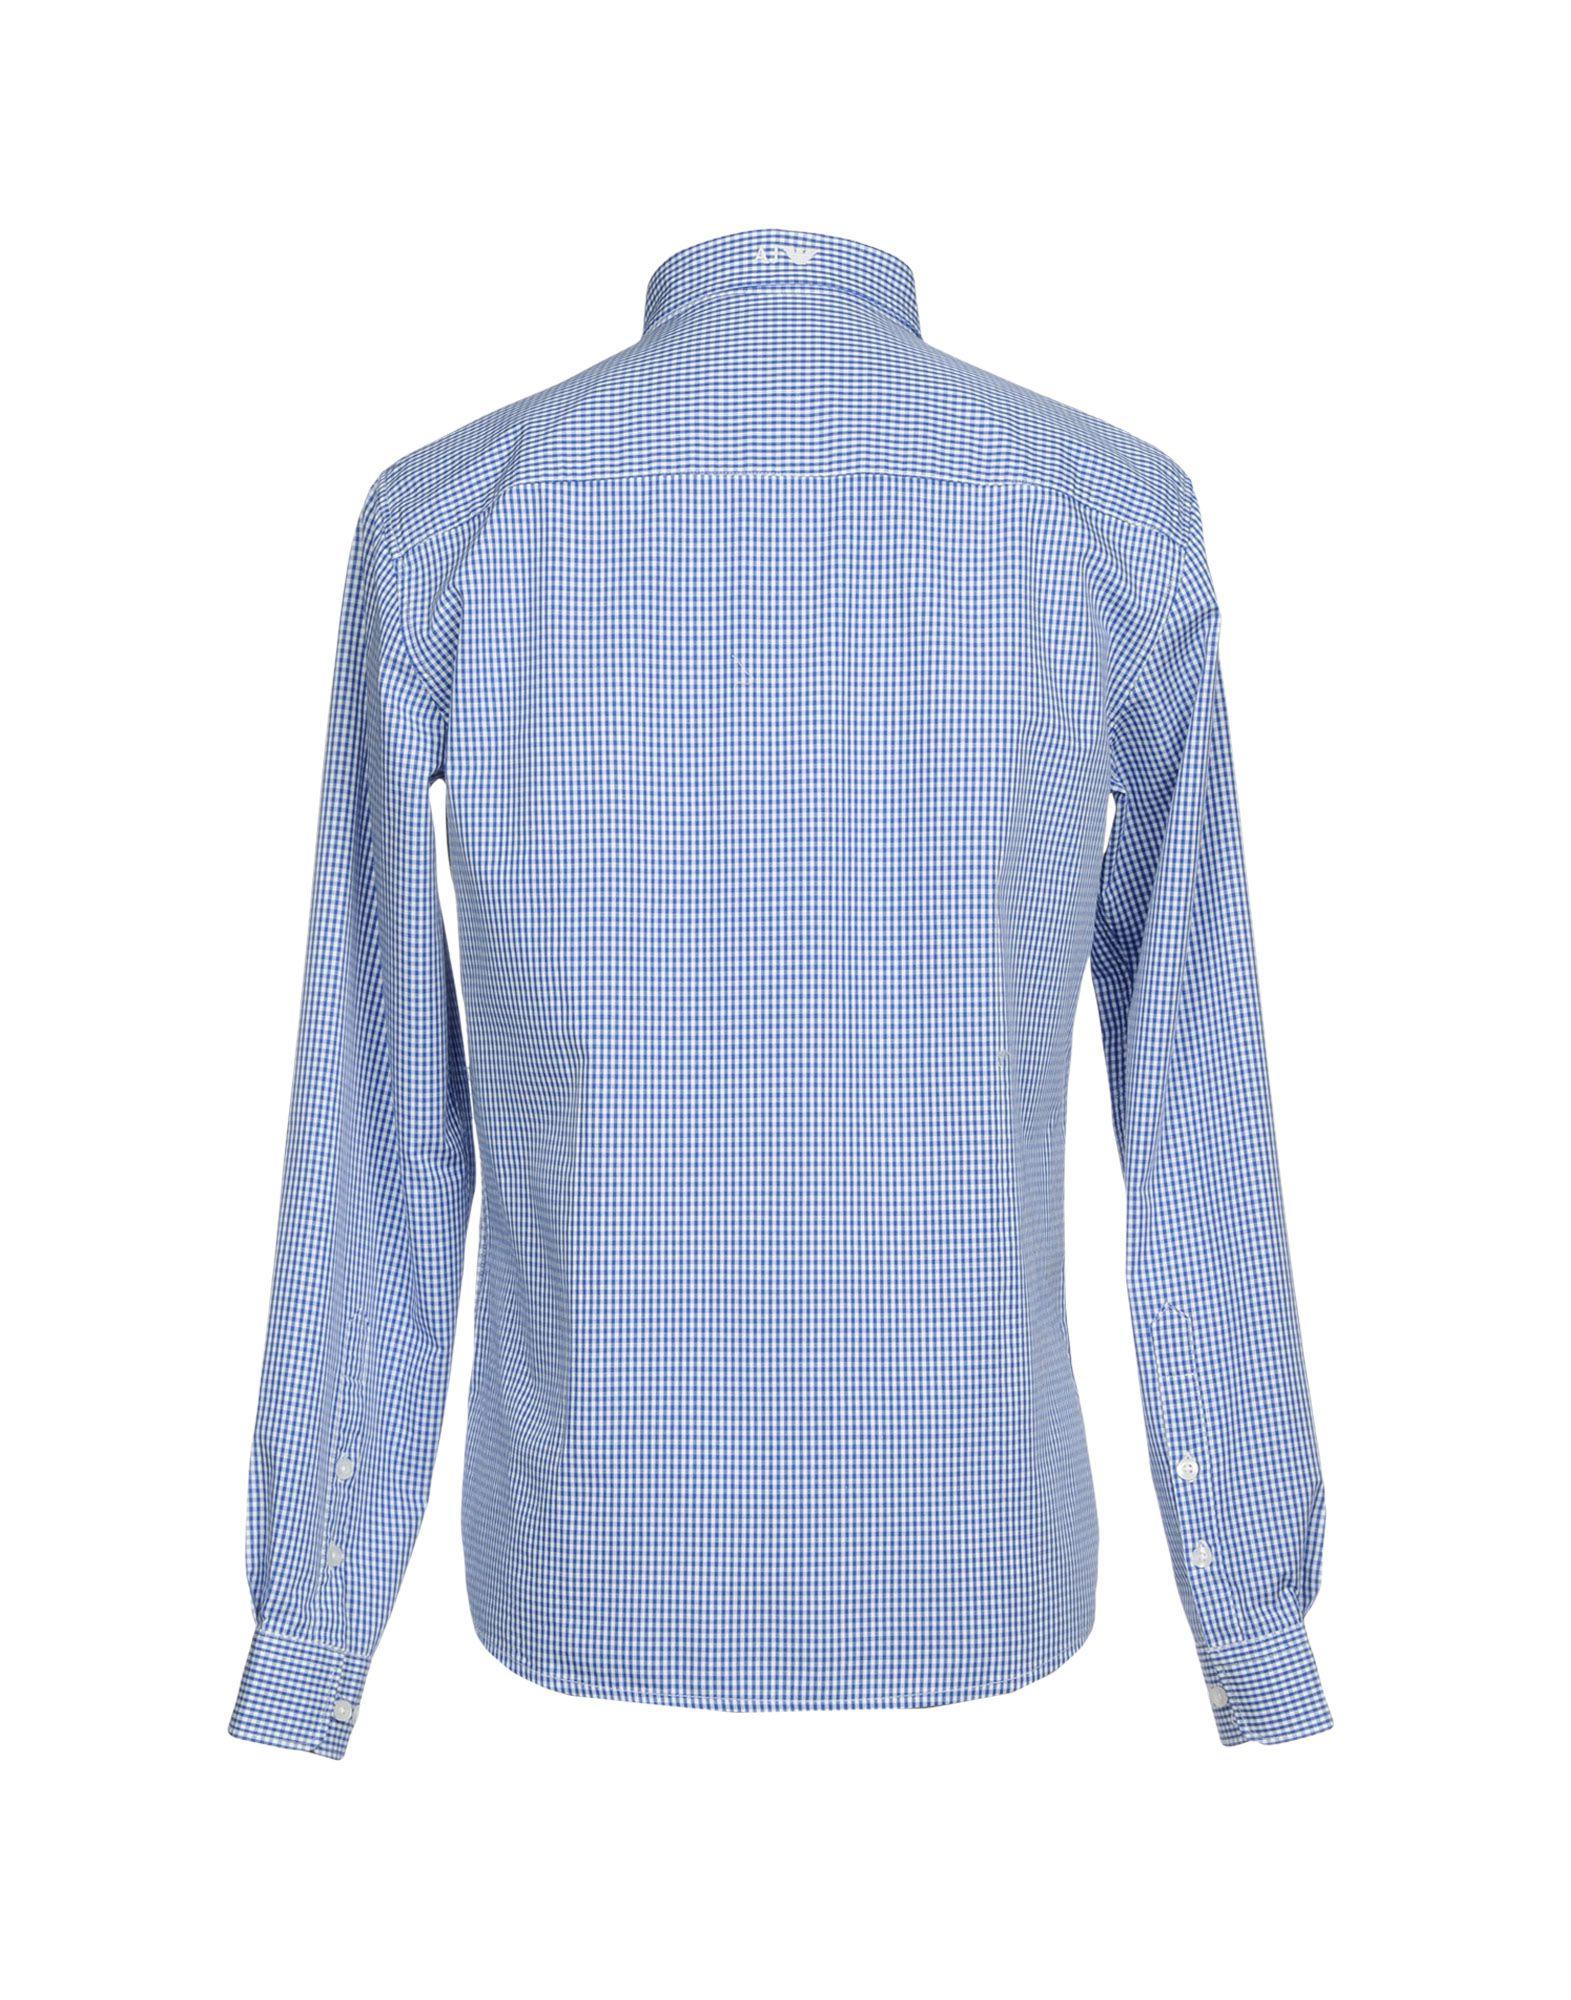 Camicia A Quadri Armani Jeans Uomo - 38710547RR 38710547RR - 7be31b